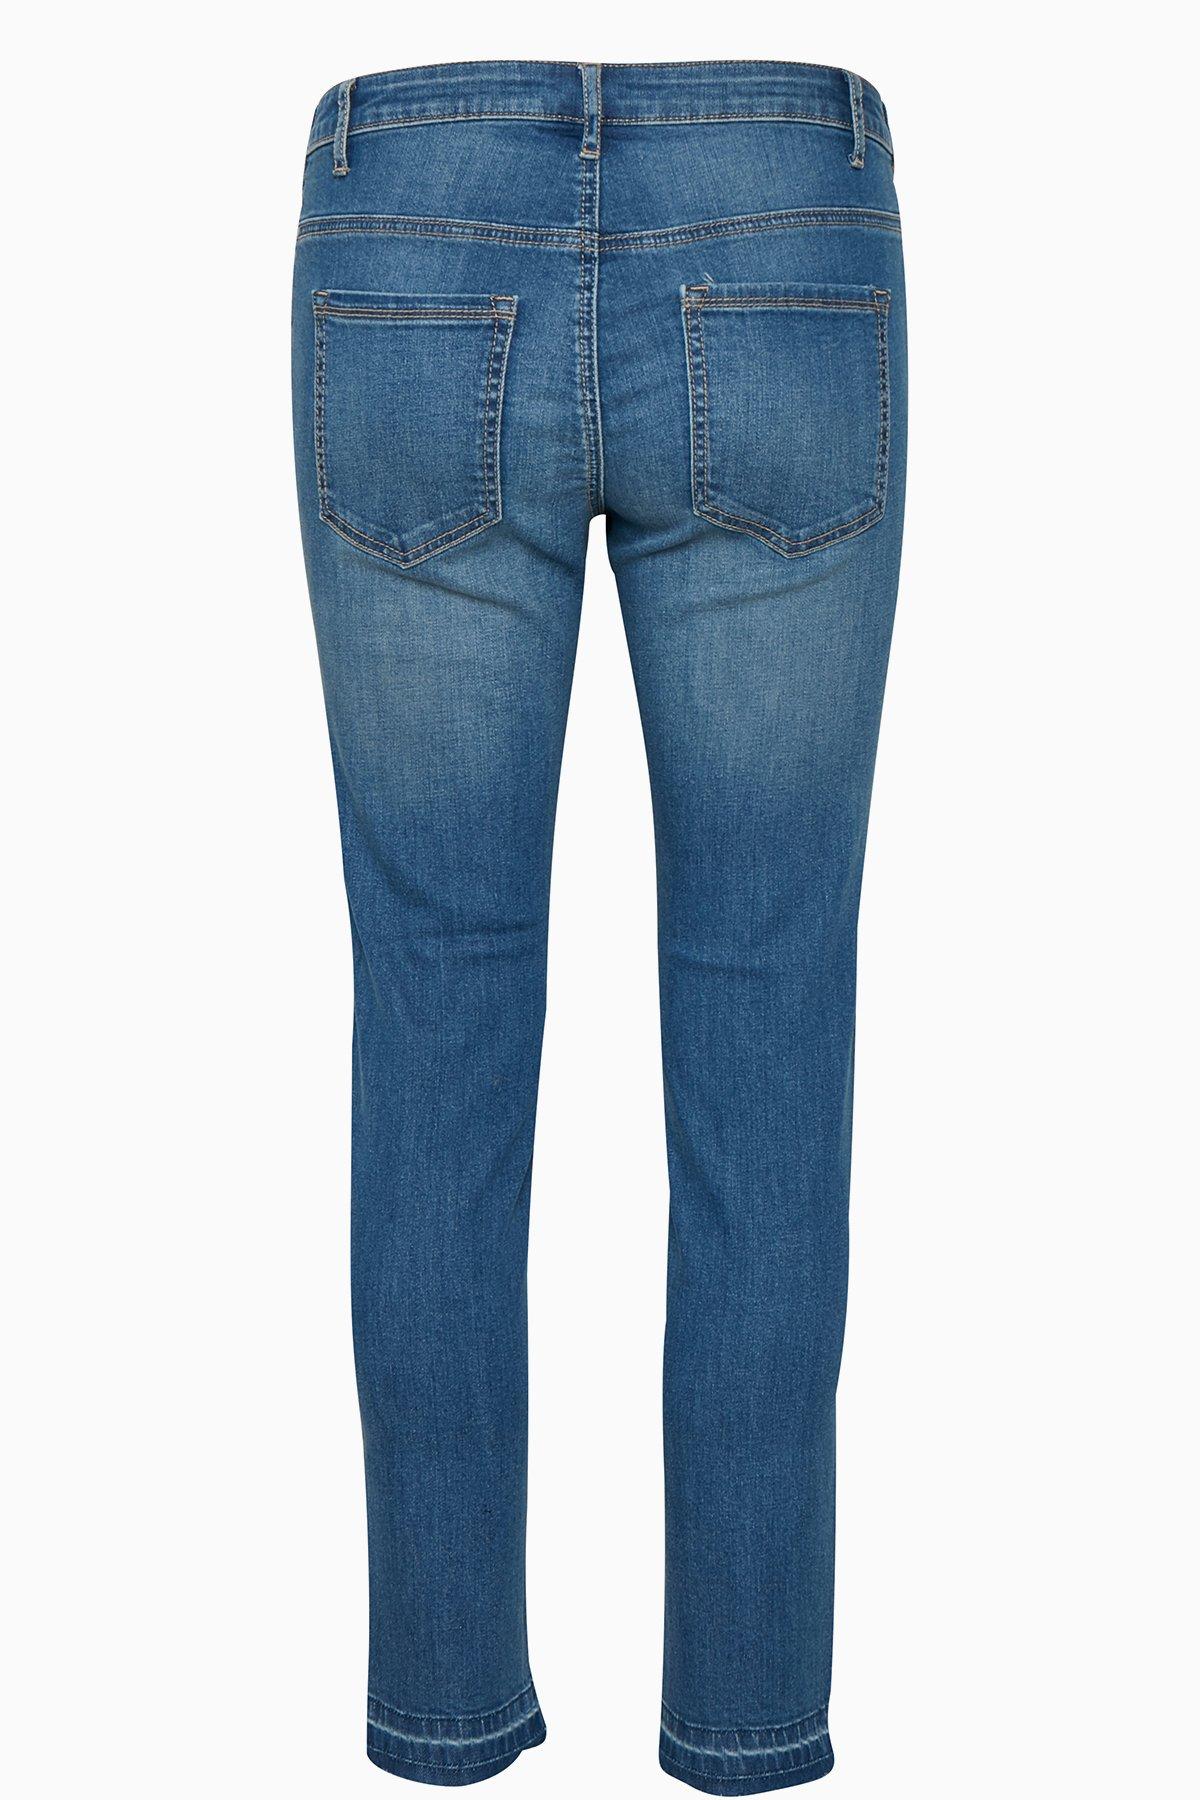 Denimblauw Jeans van Kaffe – Door Denimblauw Jeans van maat. 34-46 hier